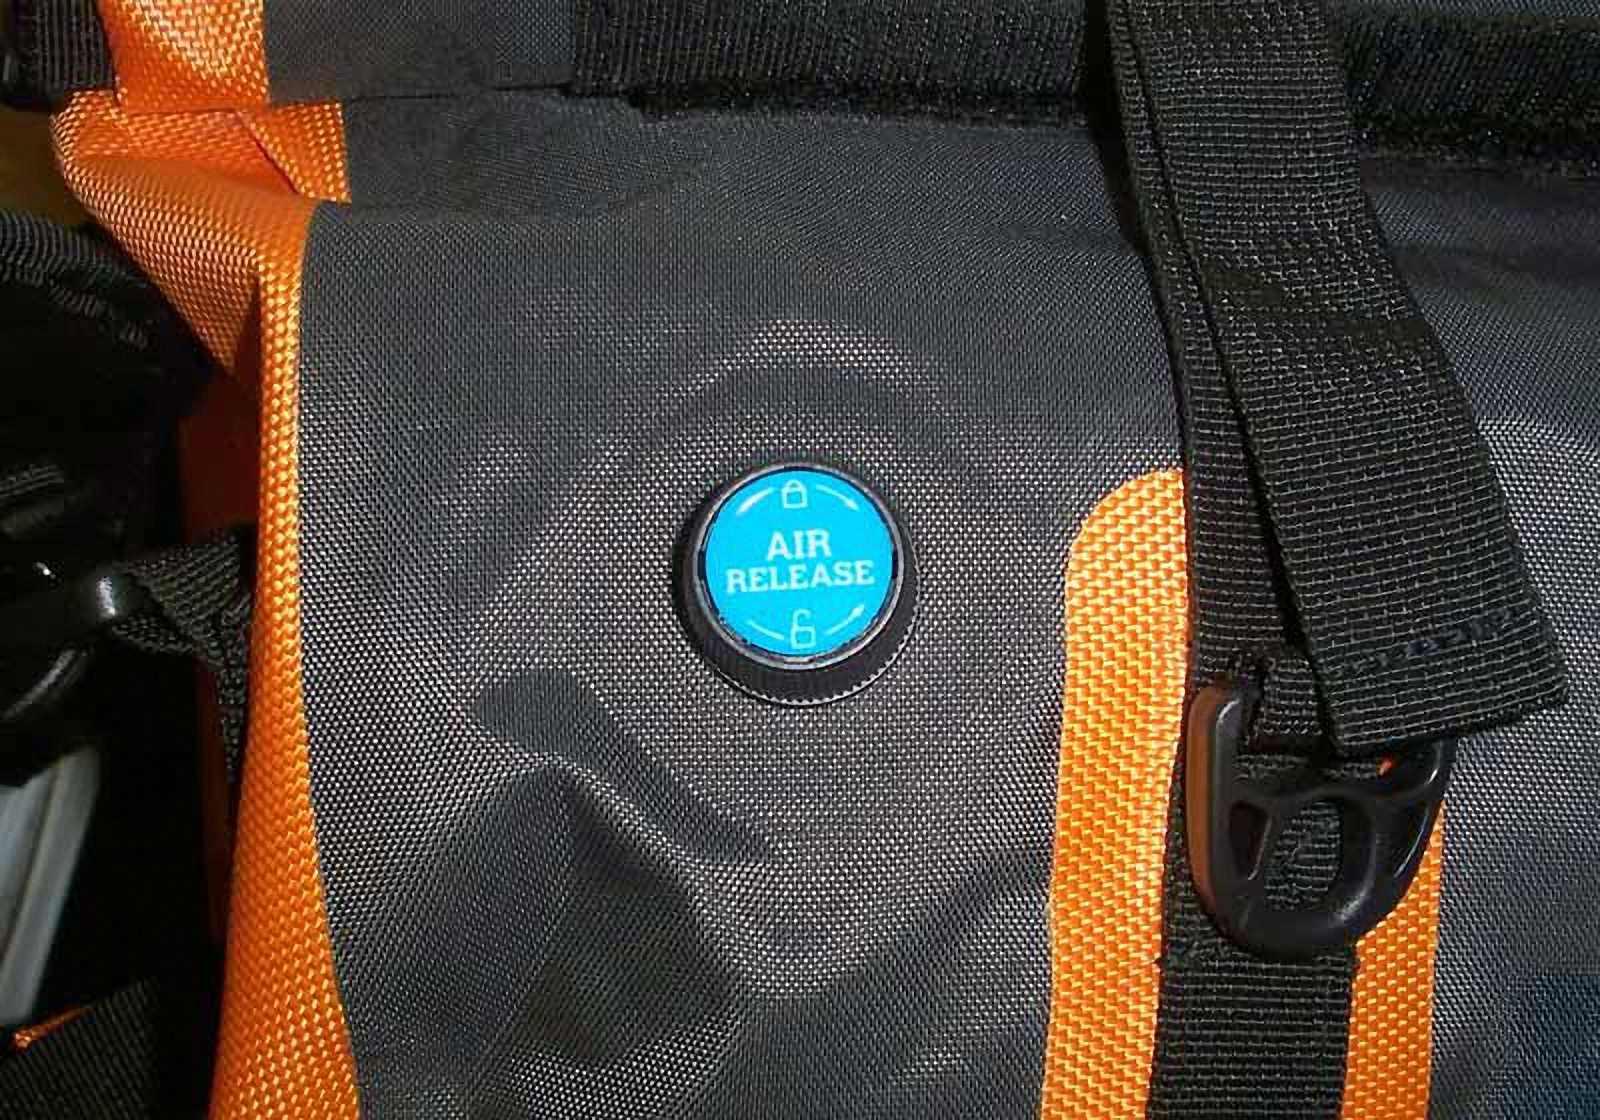 Водонепроницаемая сумка-рюкзак Aquapac 705 - Upano Waterproof Duffel - 90L.. Aquapac - №1 в мире водонепроницаемых чехлов и сумок. Фото 3